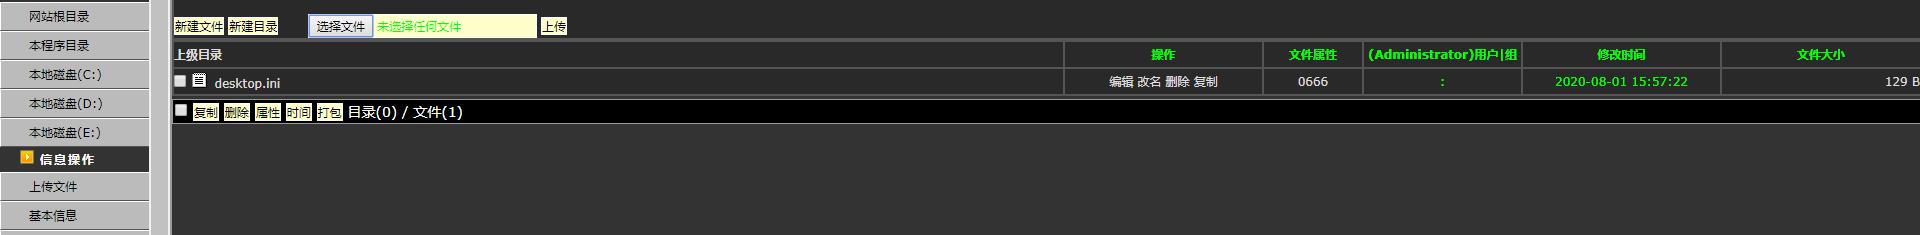 服务器入侵 代码注入 网站渗透 网站跳转 快照劫持